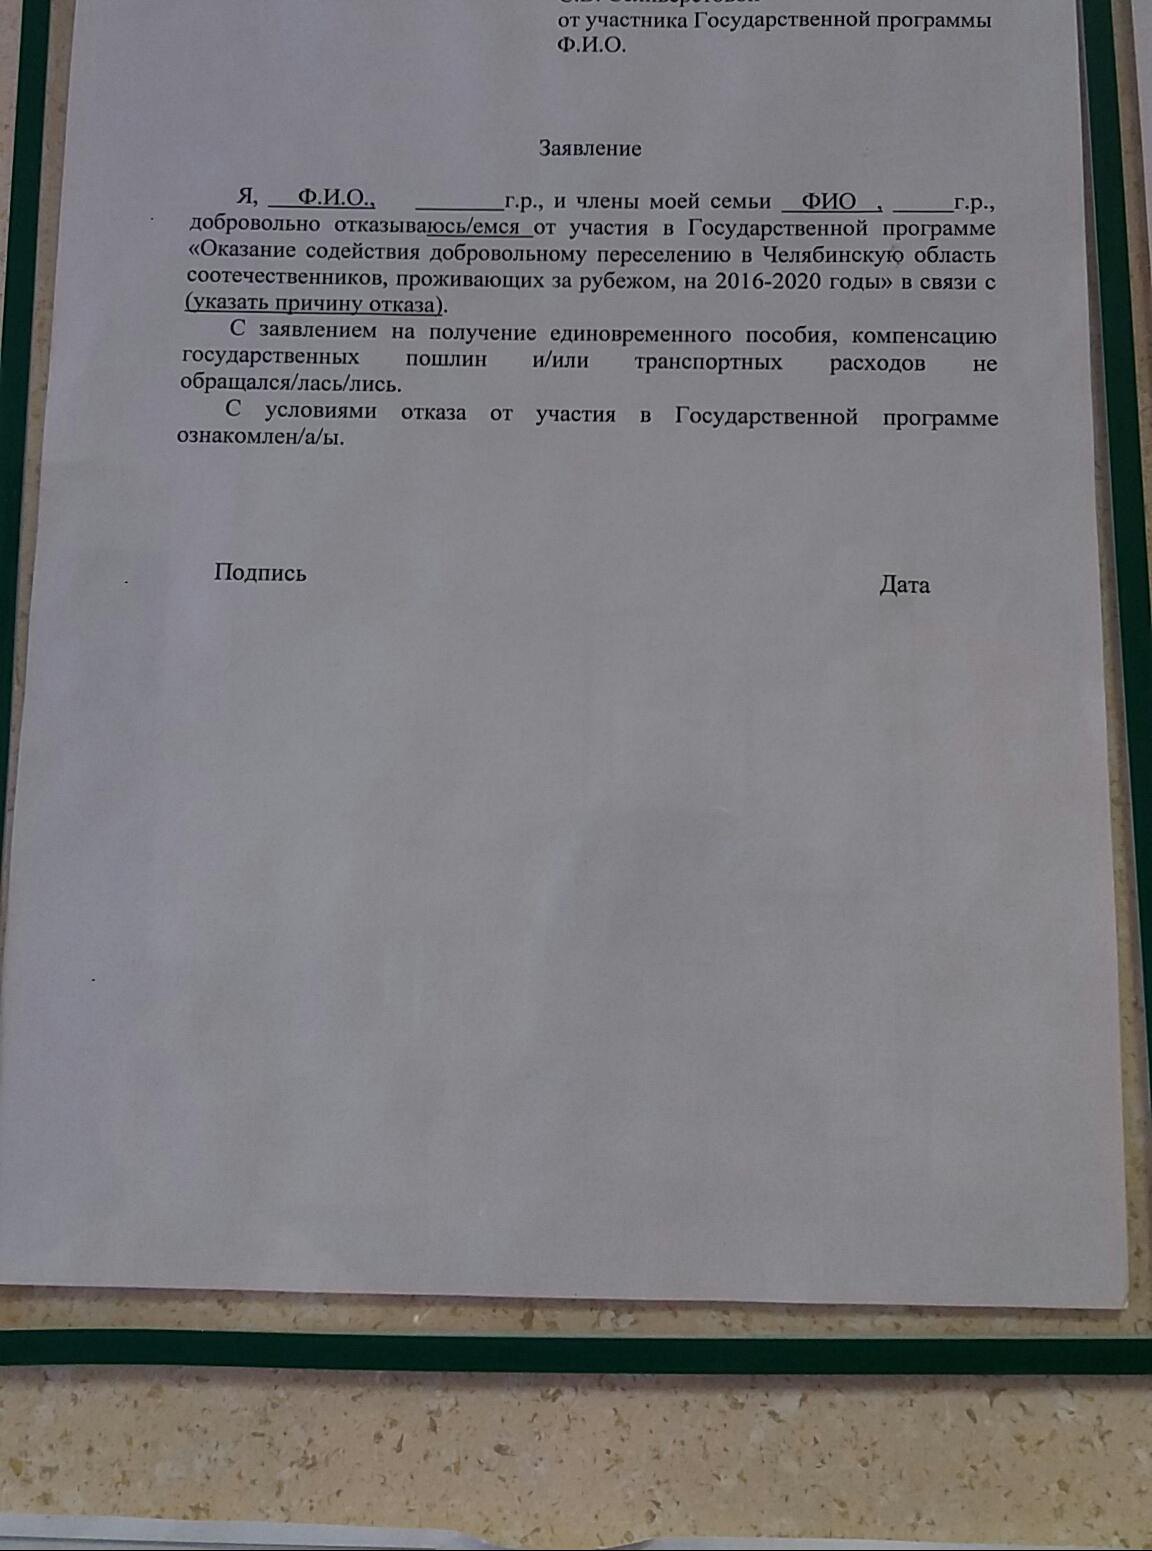 Сколько лет нужно прожить в россии чтобы получить гражданство